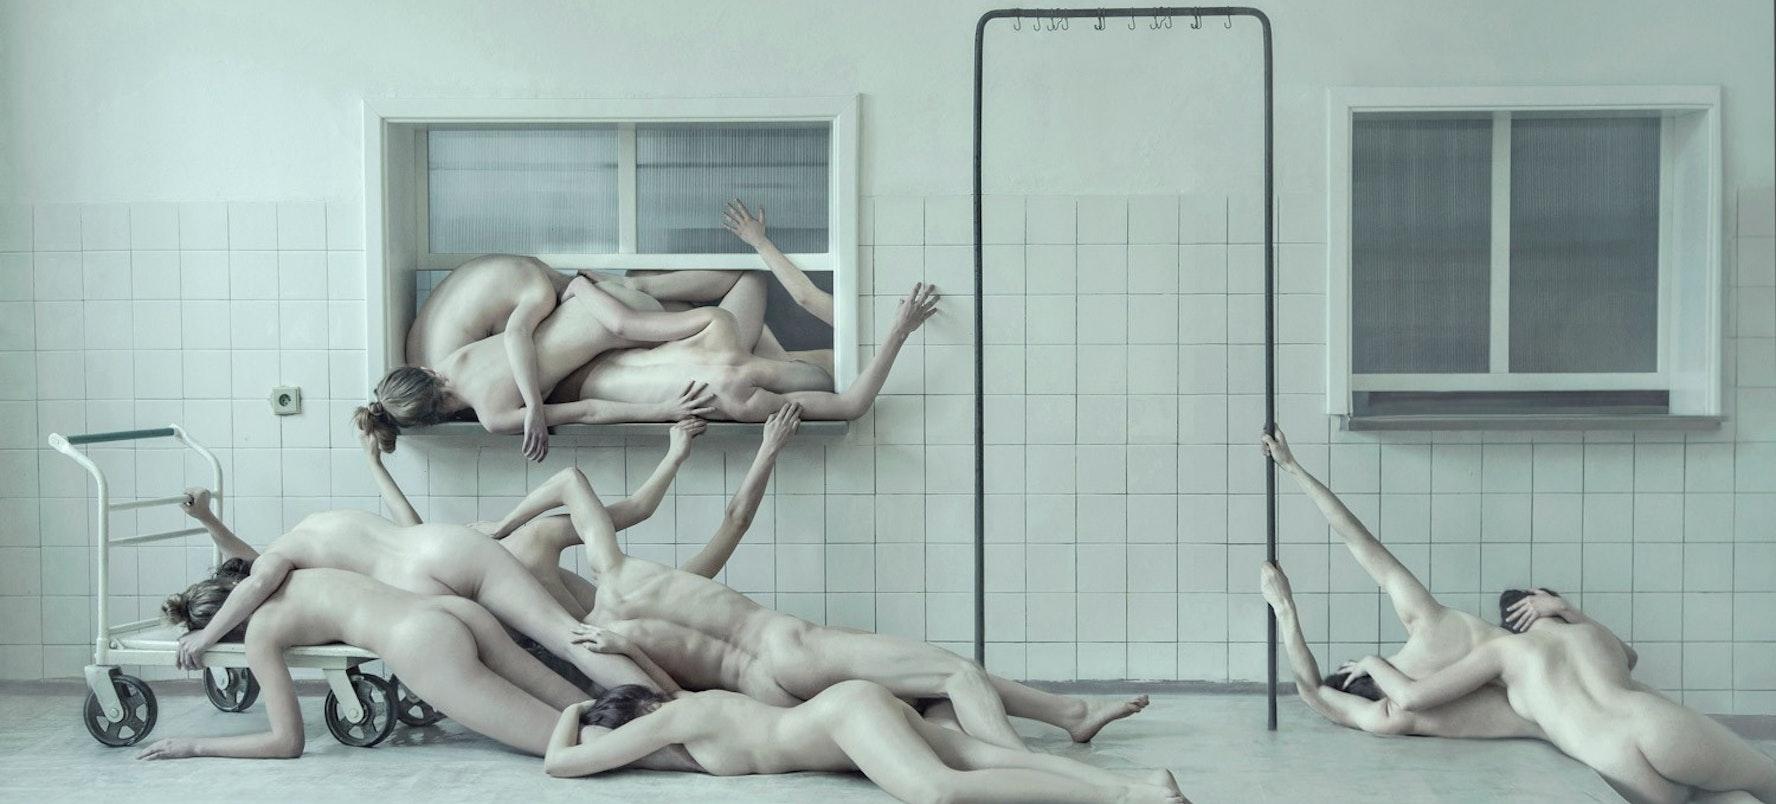 Αποτέλεσμα εικόνας για kolaz art erotica town